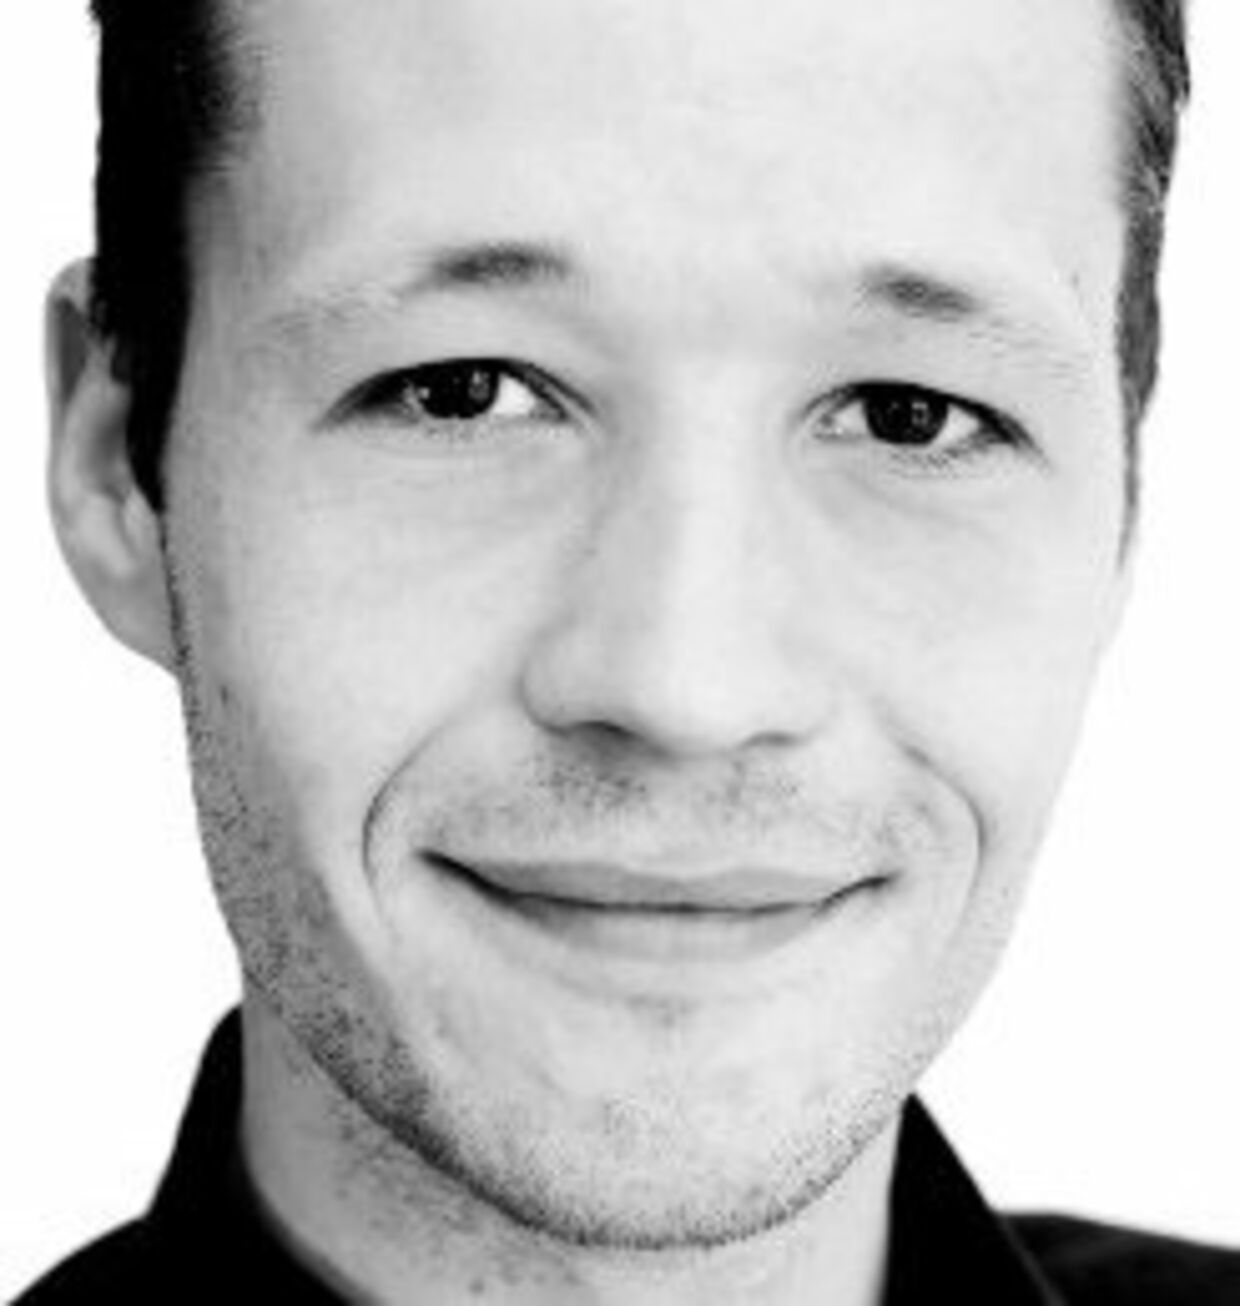 Claus Bodin Staal fra Købehavns Borgerrepræsentation gik i folkeskole med den kræftsyge skuespiller Mira Wanting.